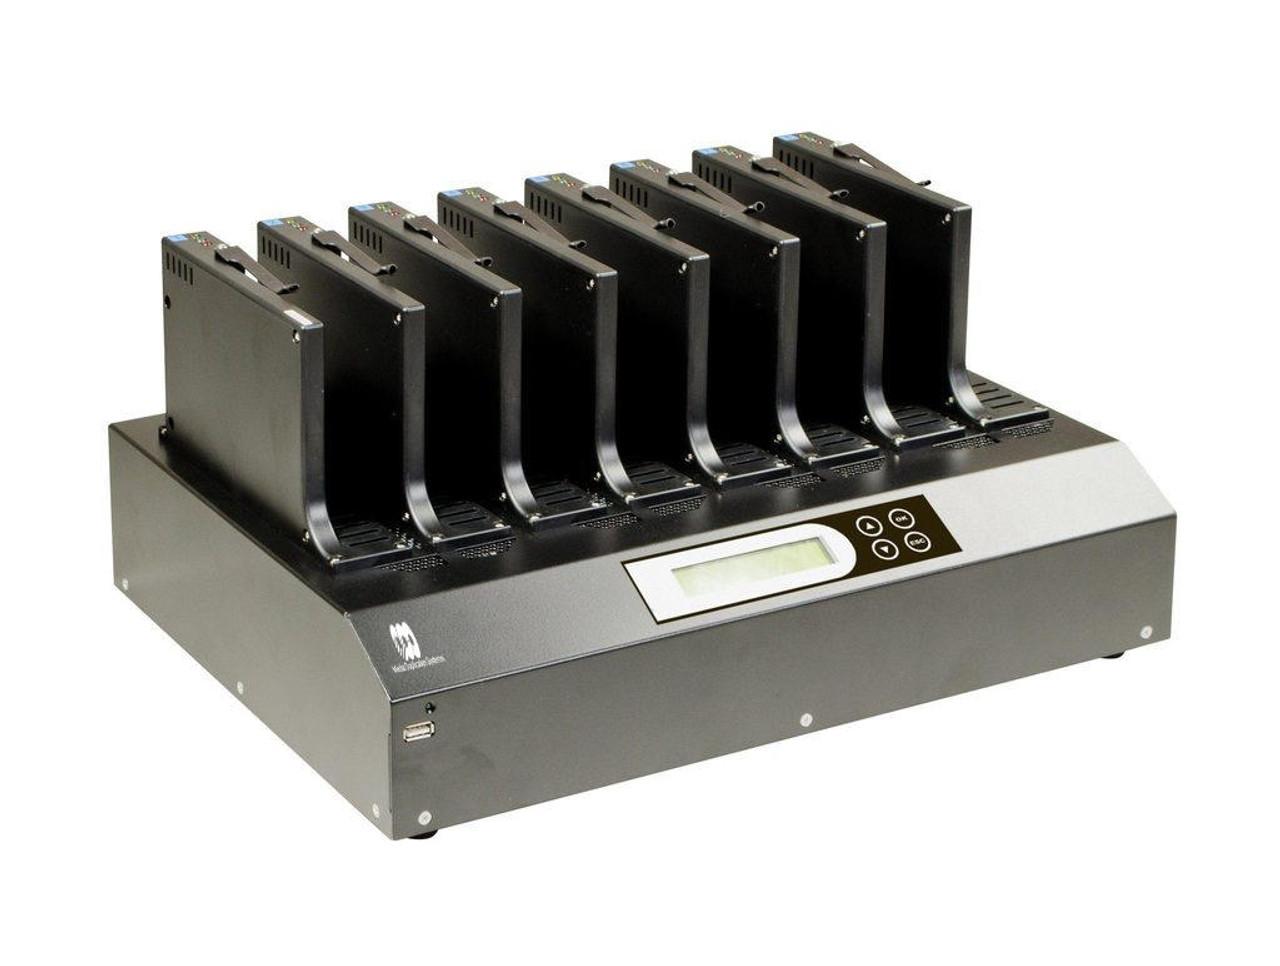 1-to-7 GX STD Series HDD/SSD Drive Duplicator